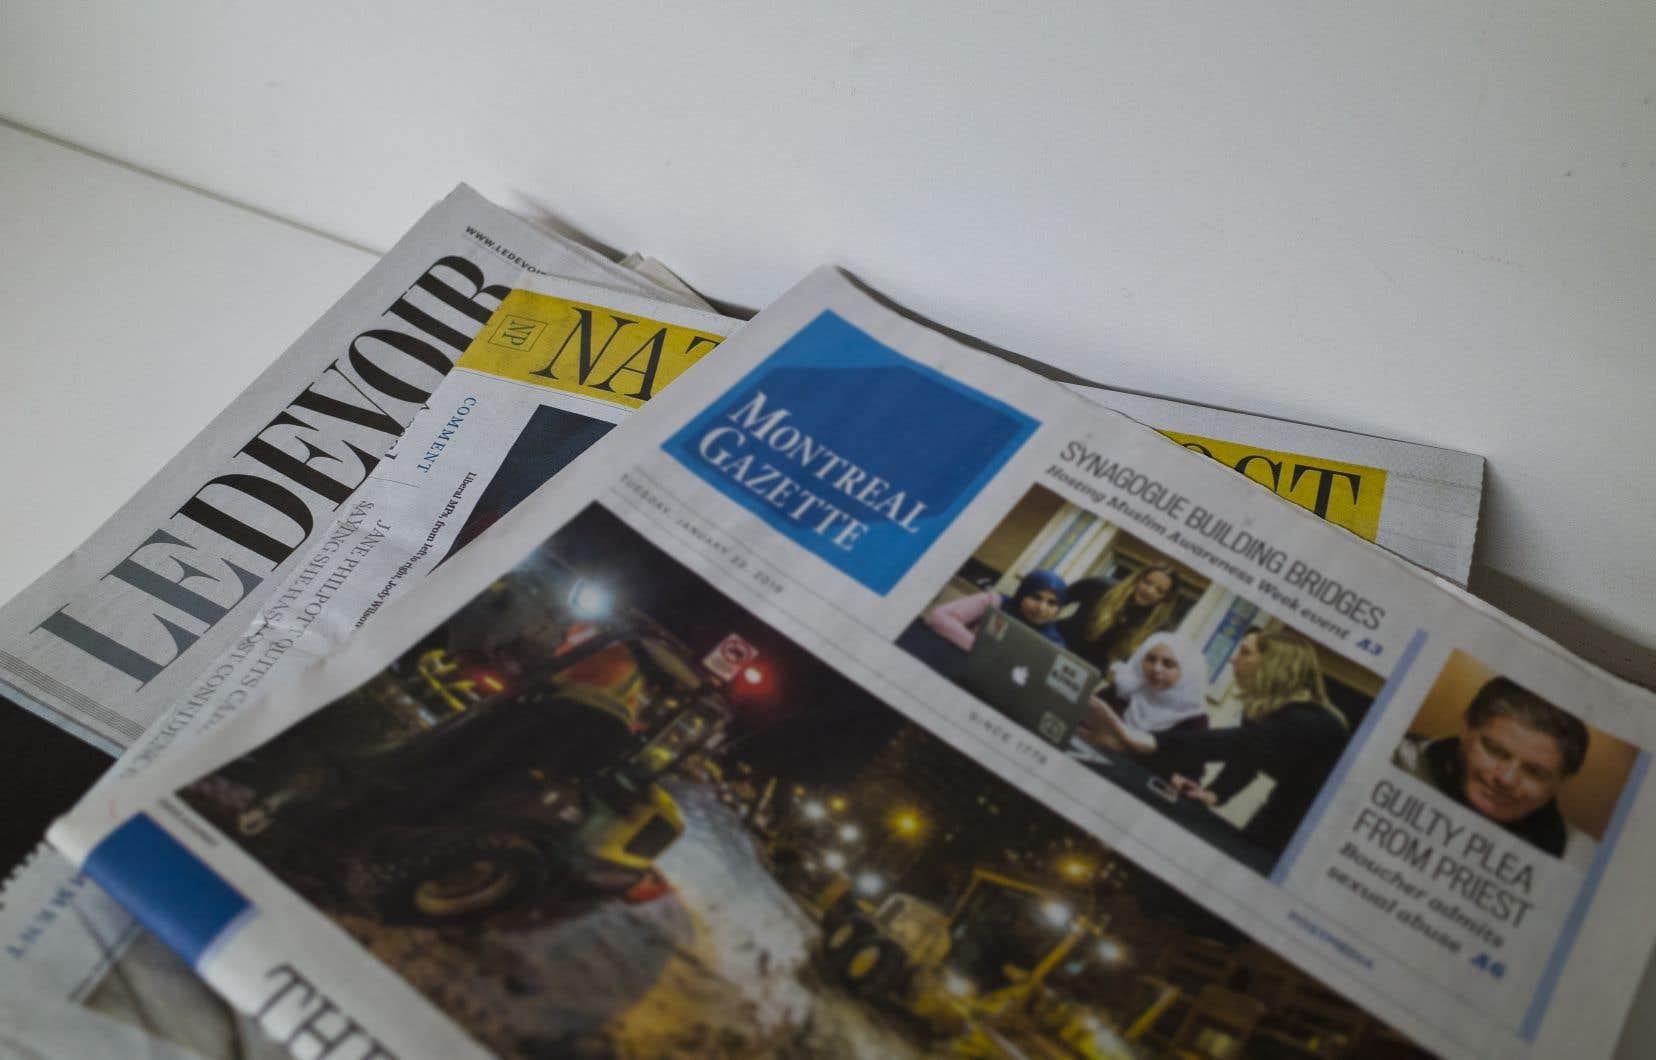 La plus importante des mesures d'aide annoncées par le ministre des Finances Bill Morneau au mois de novembre — le crédit d'impôt sur la masse salariale liée à la production d'information — prévoyait la mise sur pied d'un comité d'experts de l'industrie formé de journalistes et d'entreprises médiatiques.